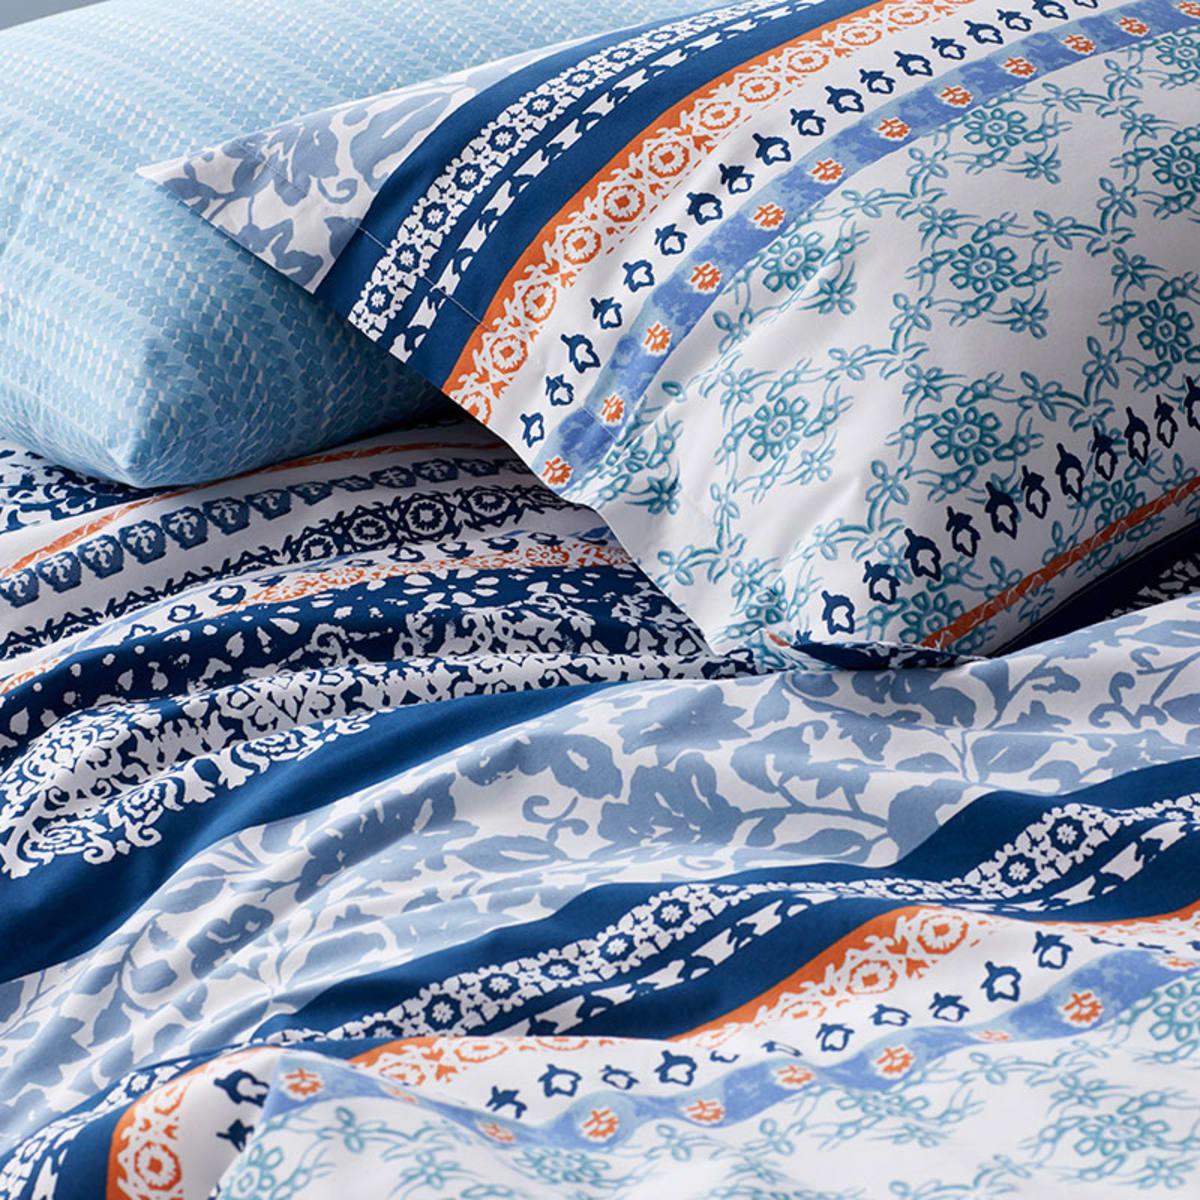 Rylie Cotton Percale Twin Xl Dorm Duvet Cover